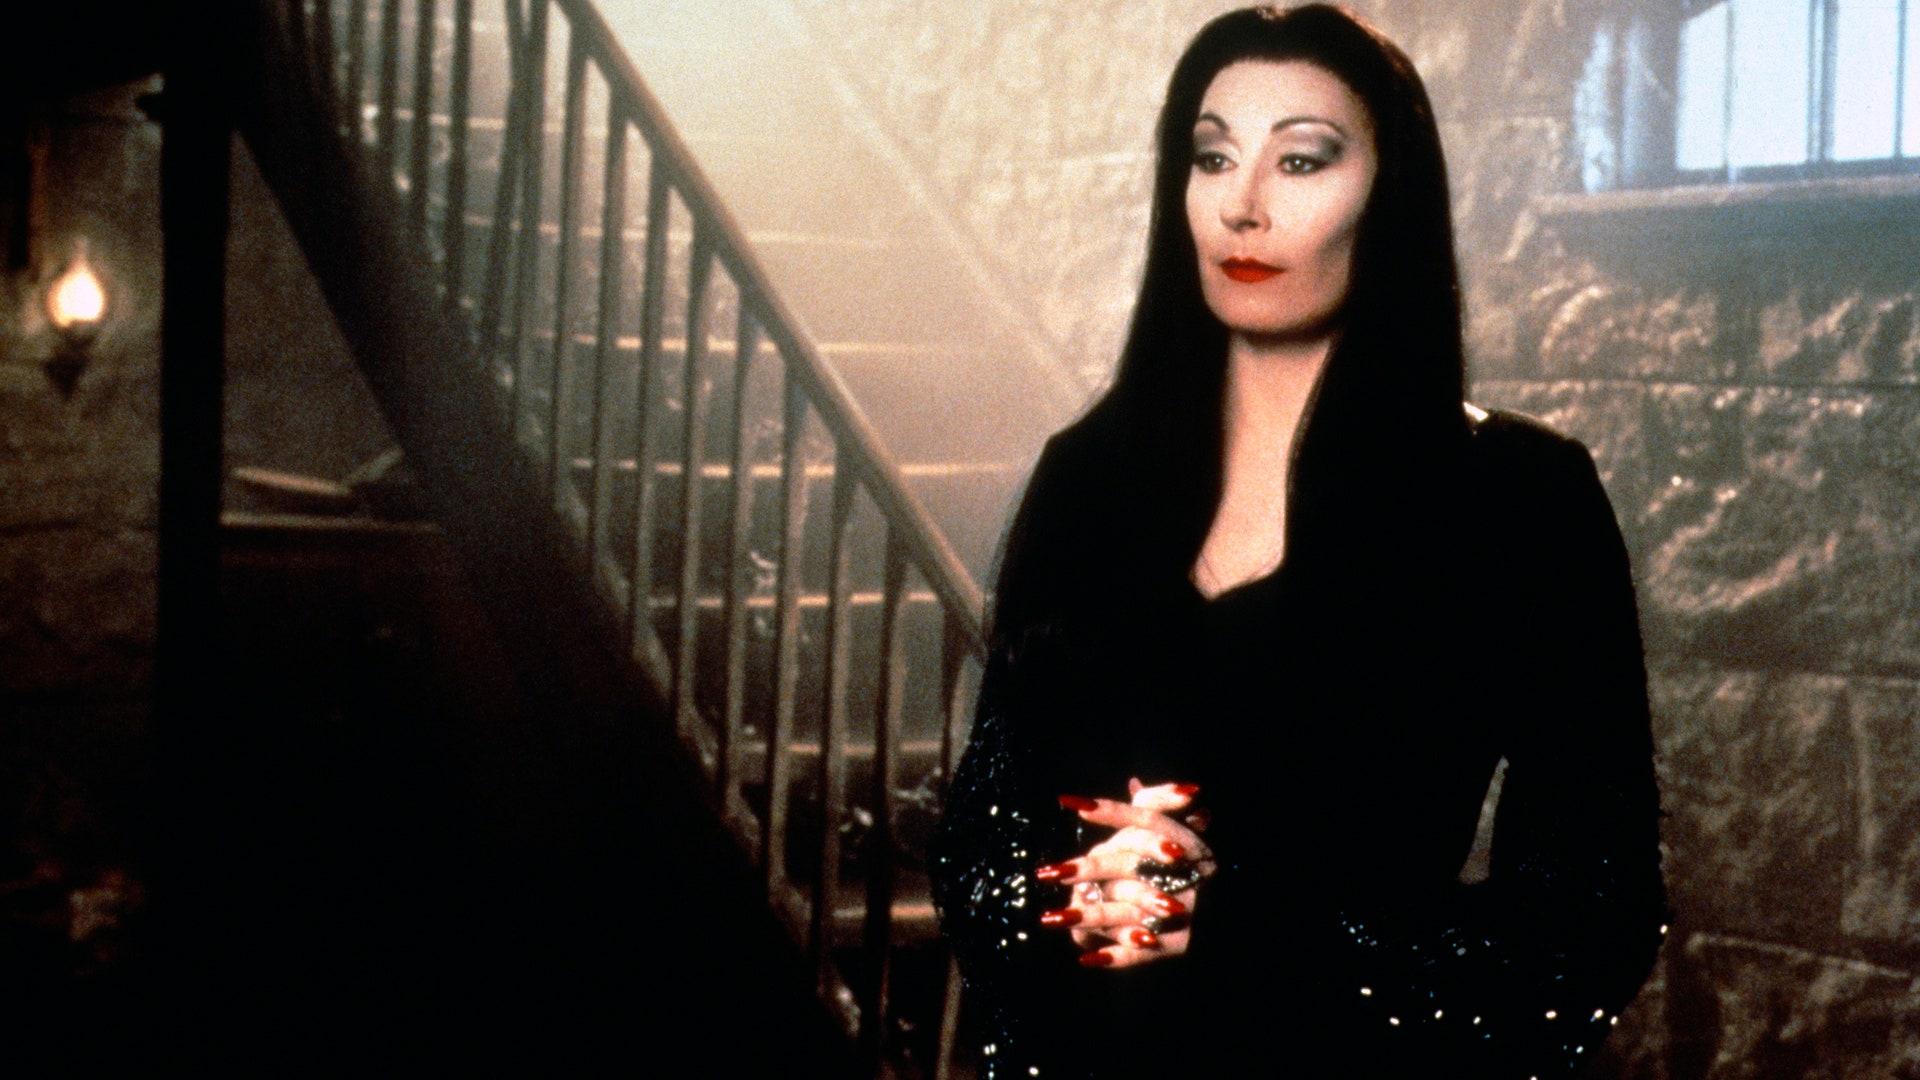 Morticia Addams, de Anjelica Huston, foi uma das inspirações para Lady Dimitrescu